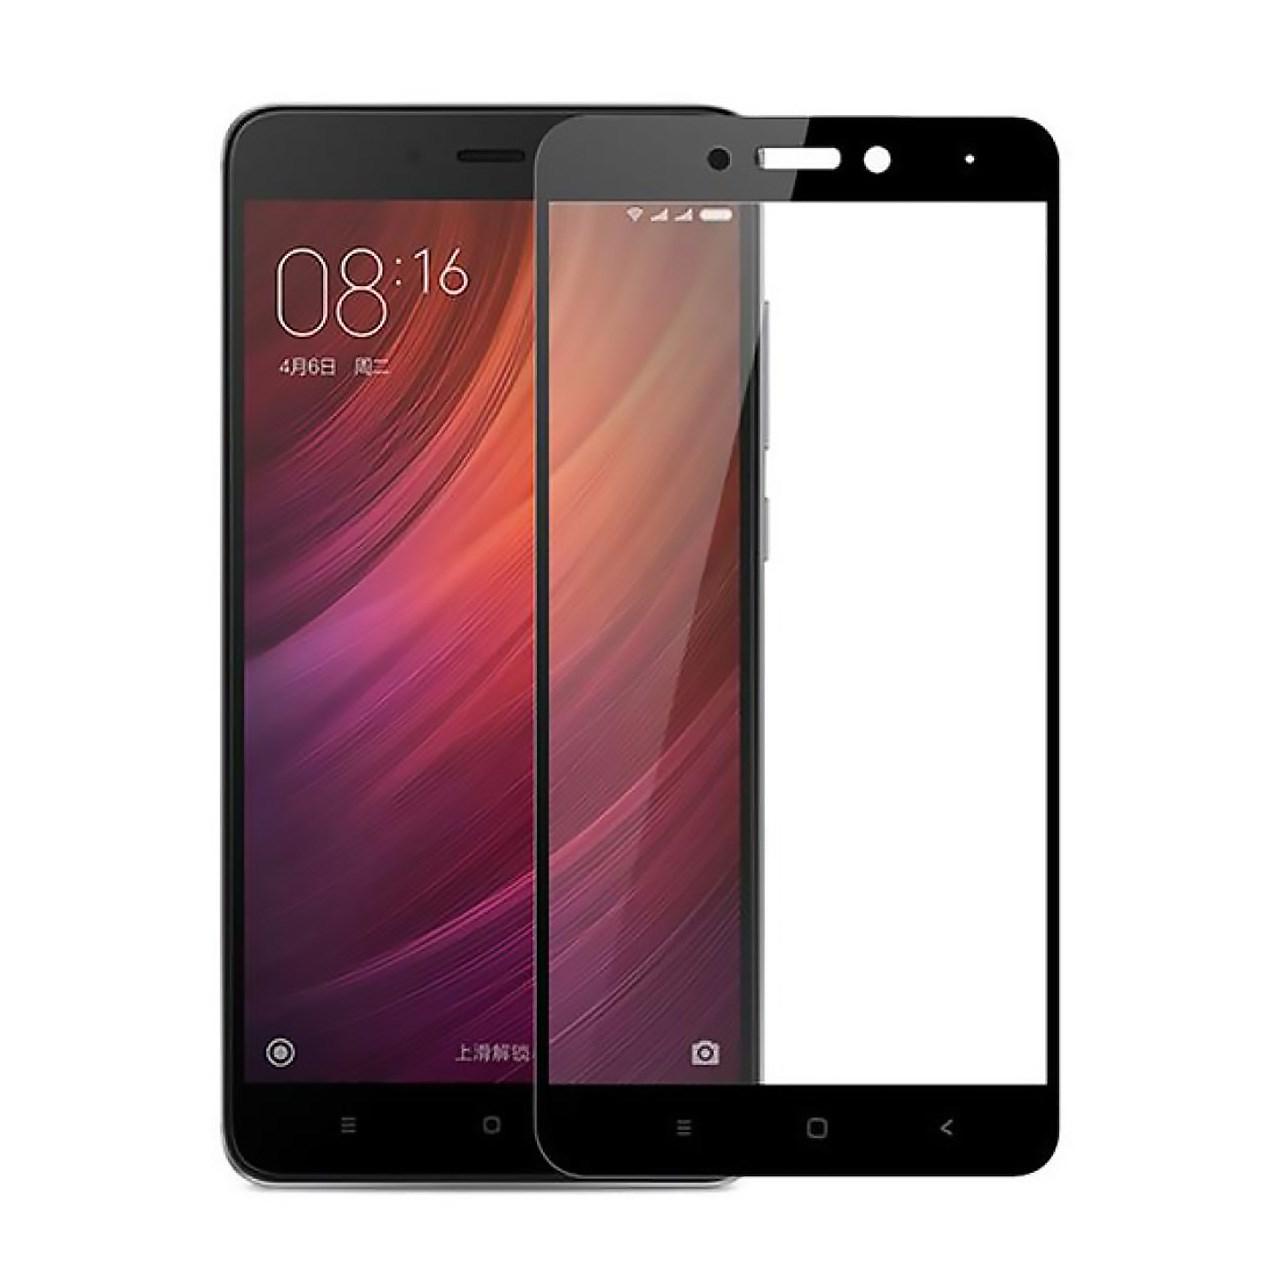 محافظ صفحه نمایش شیشه ای تمپرد مدل Full Cover مناسب برای گوشی موبایل Xiaomi Redmi Note 4